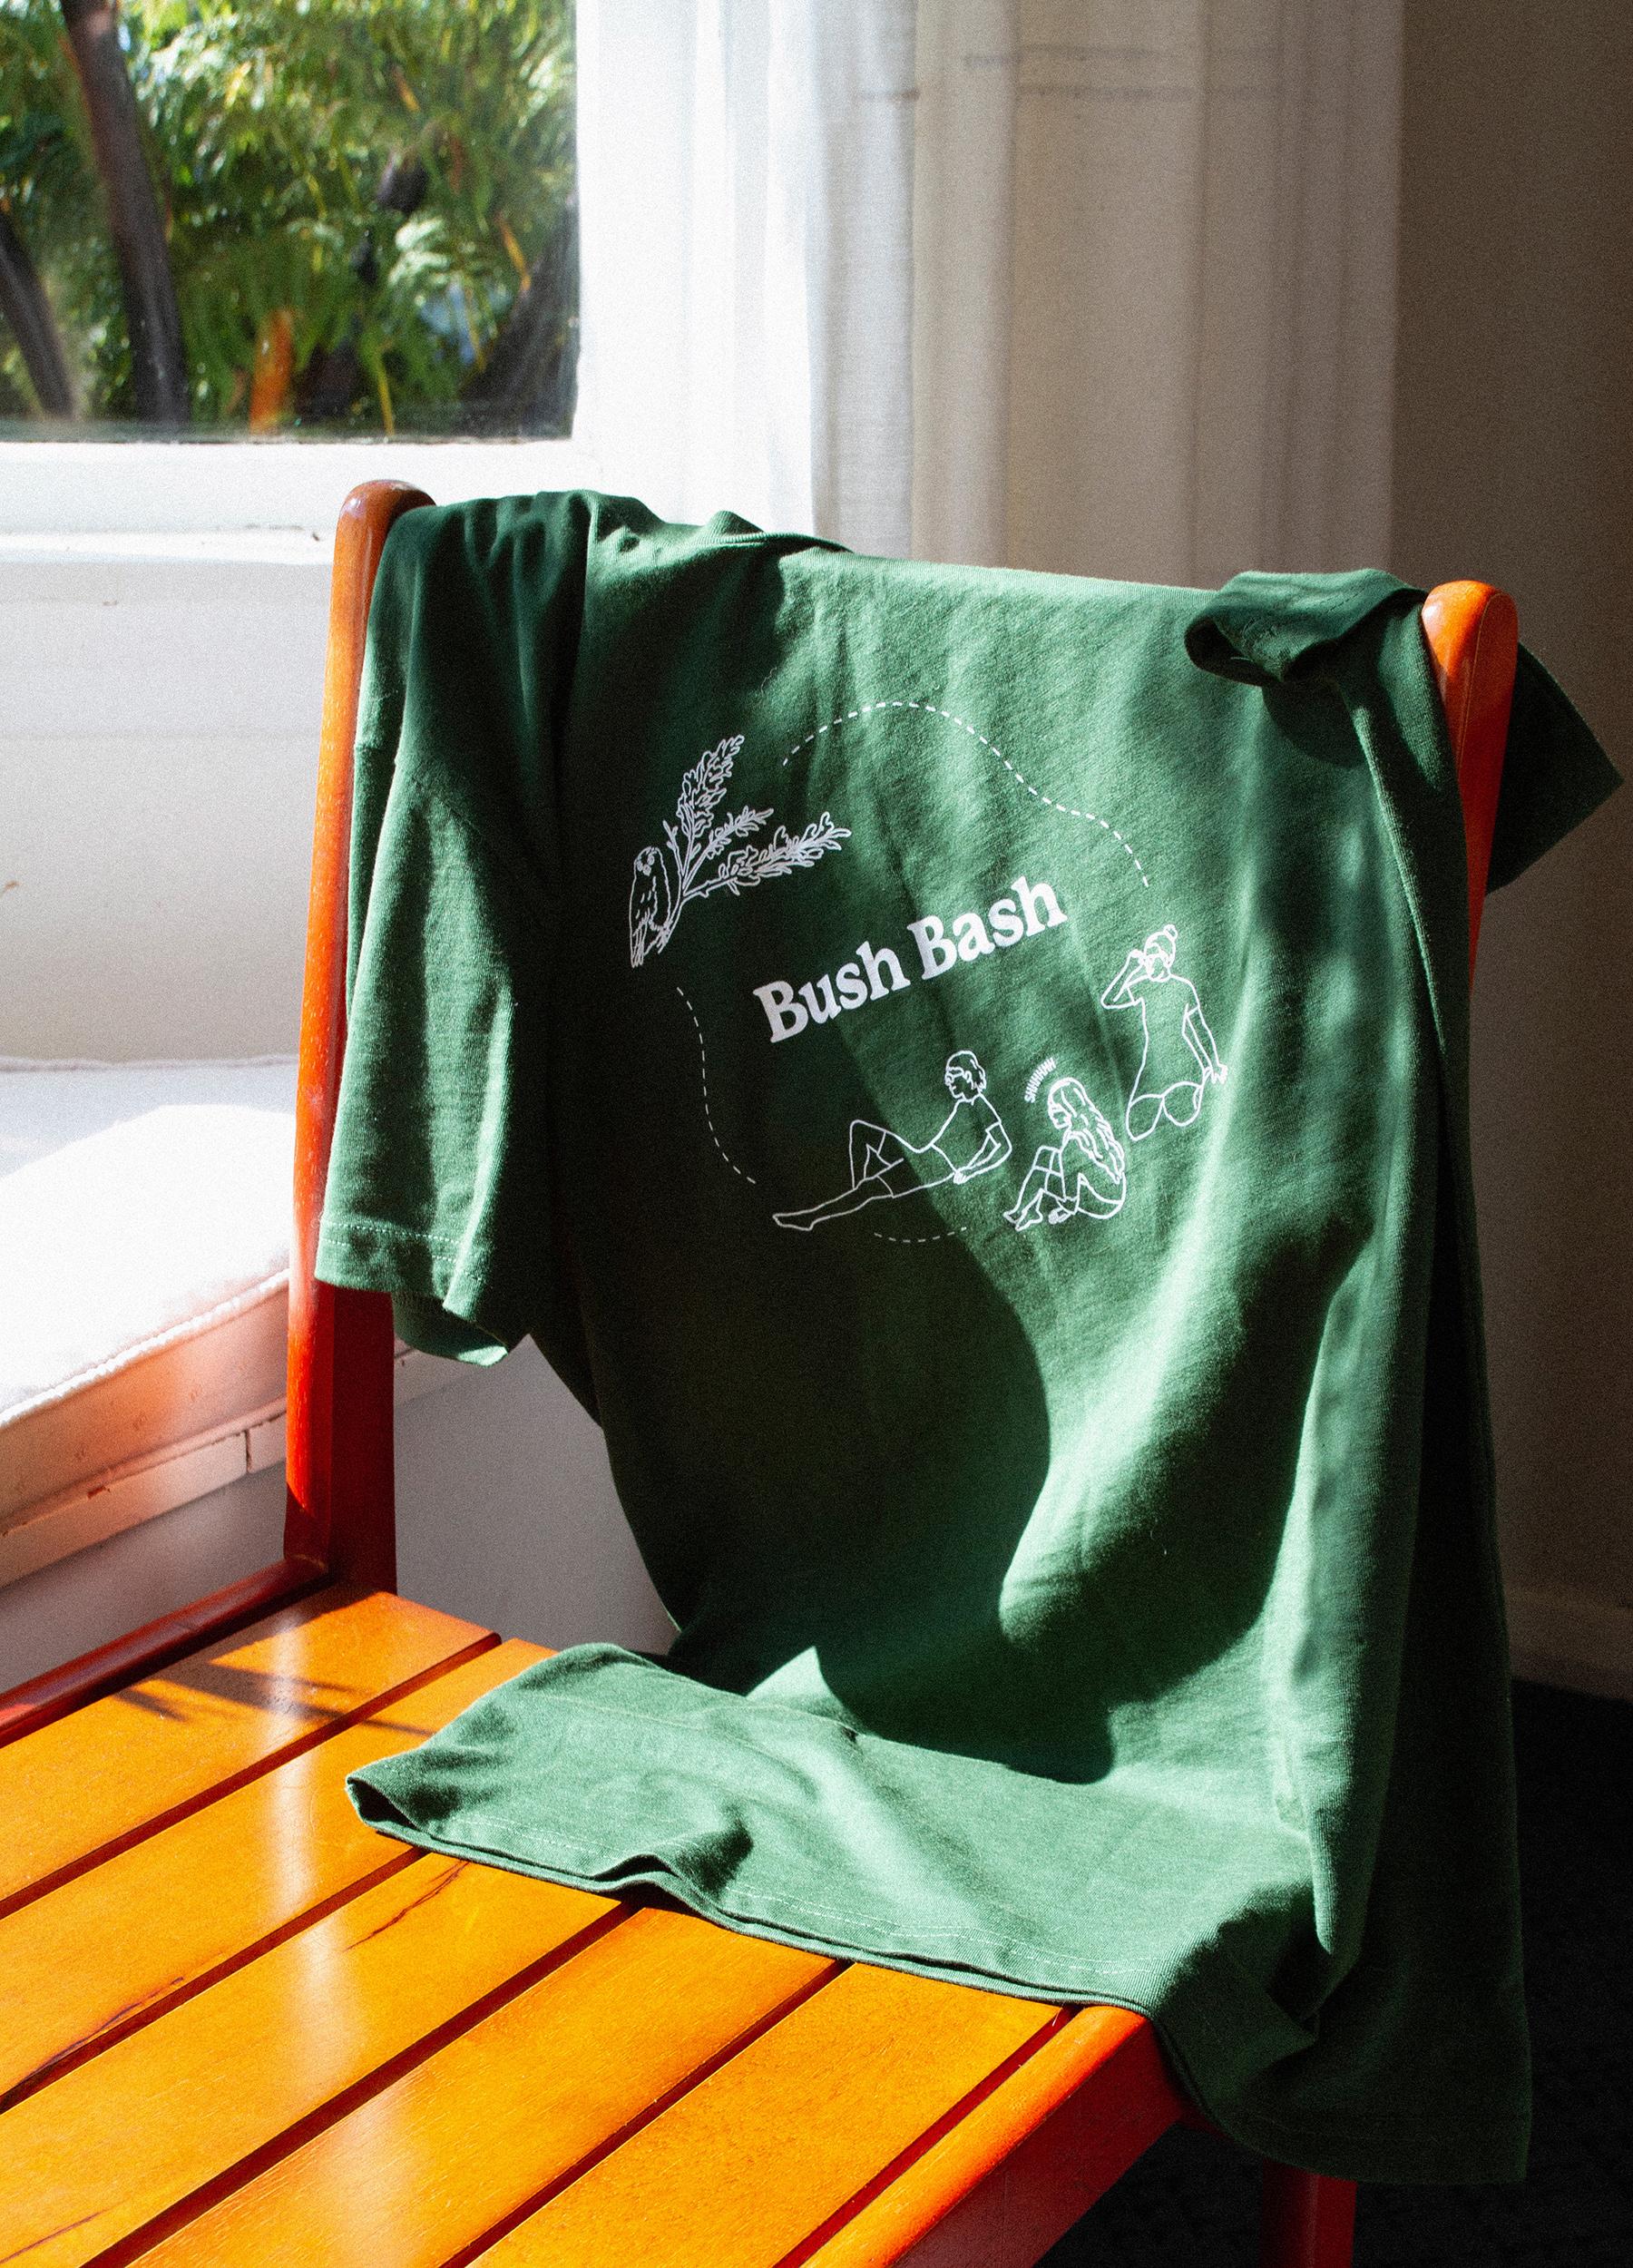 Bush Bash 2019 T-Shirt